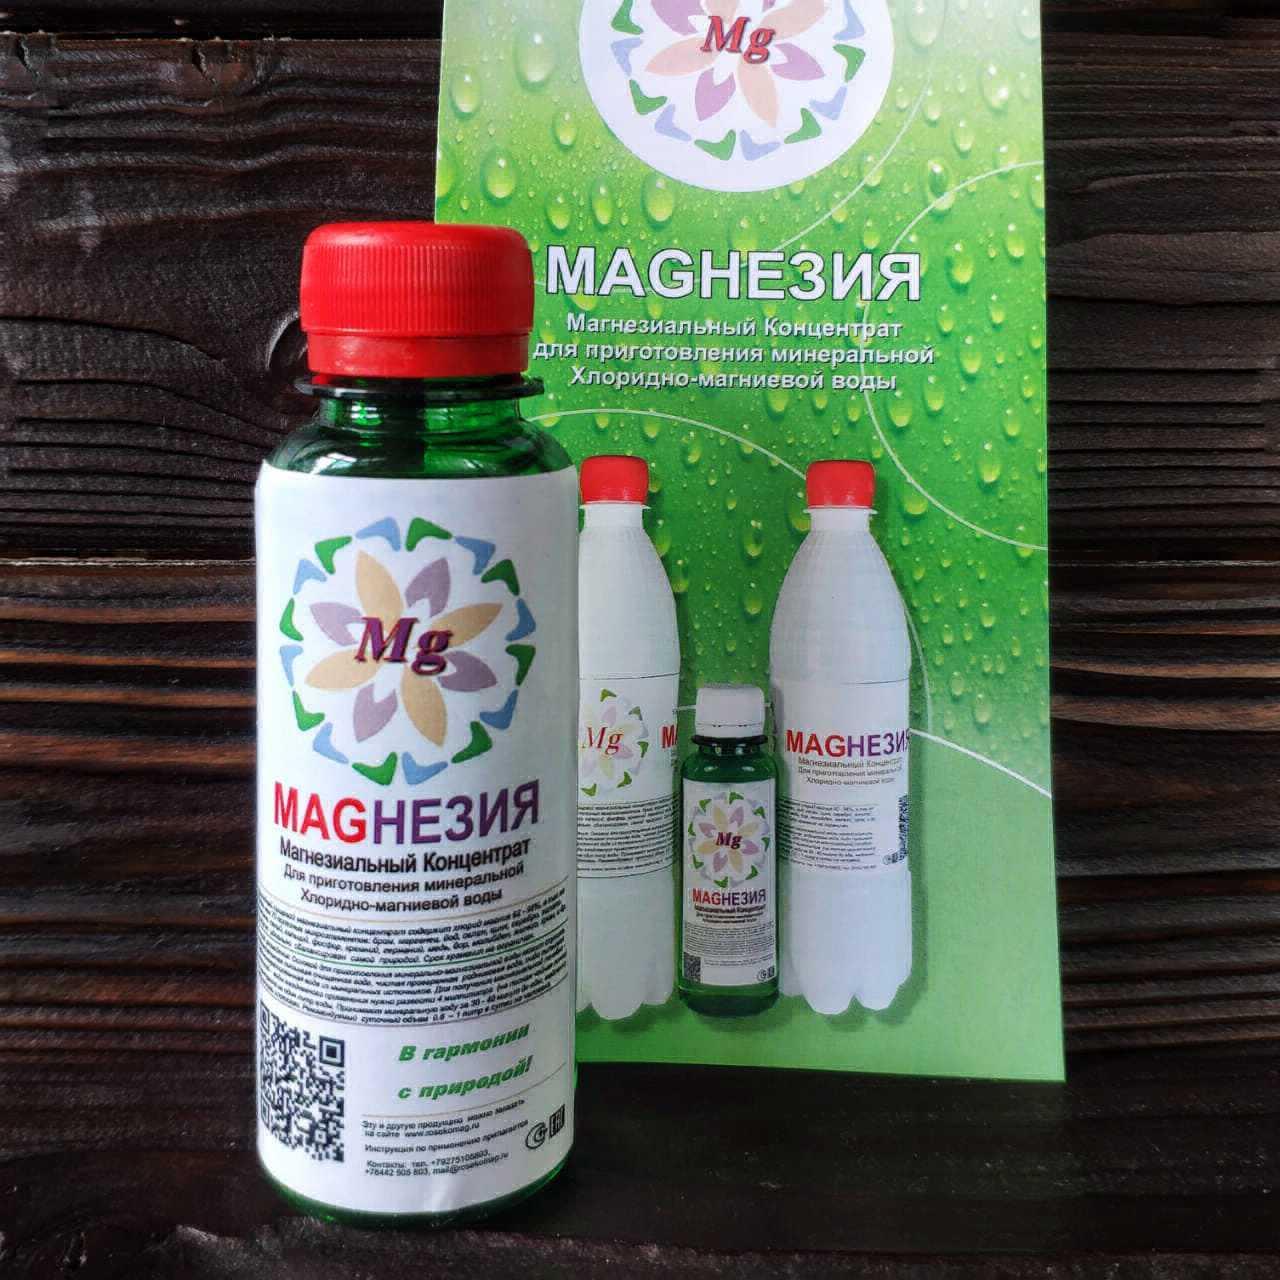 Фотография Магнезиальный концентрат Magнезия / 100 мл купить в магазине Афлора